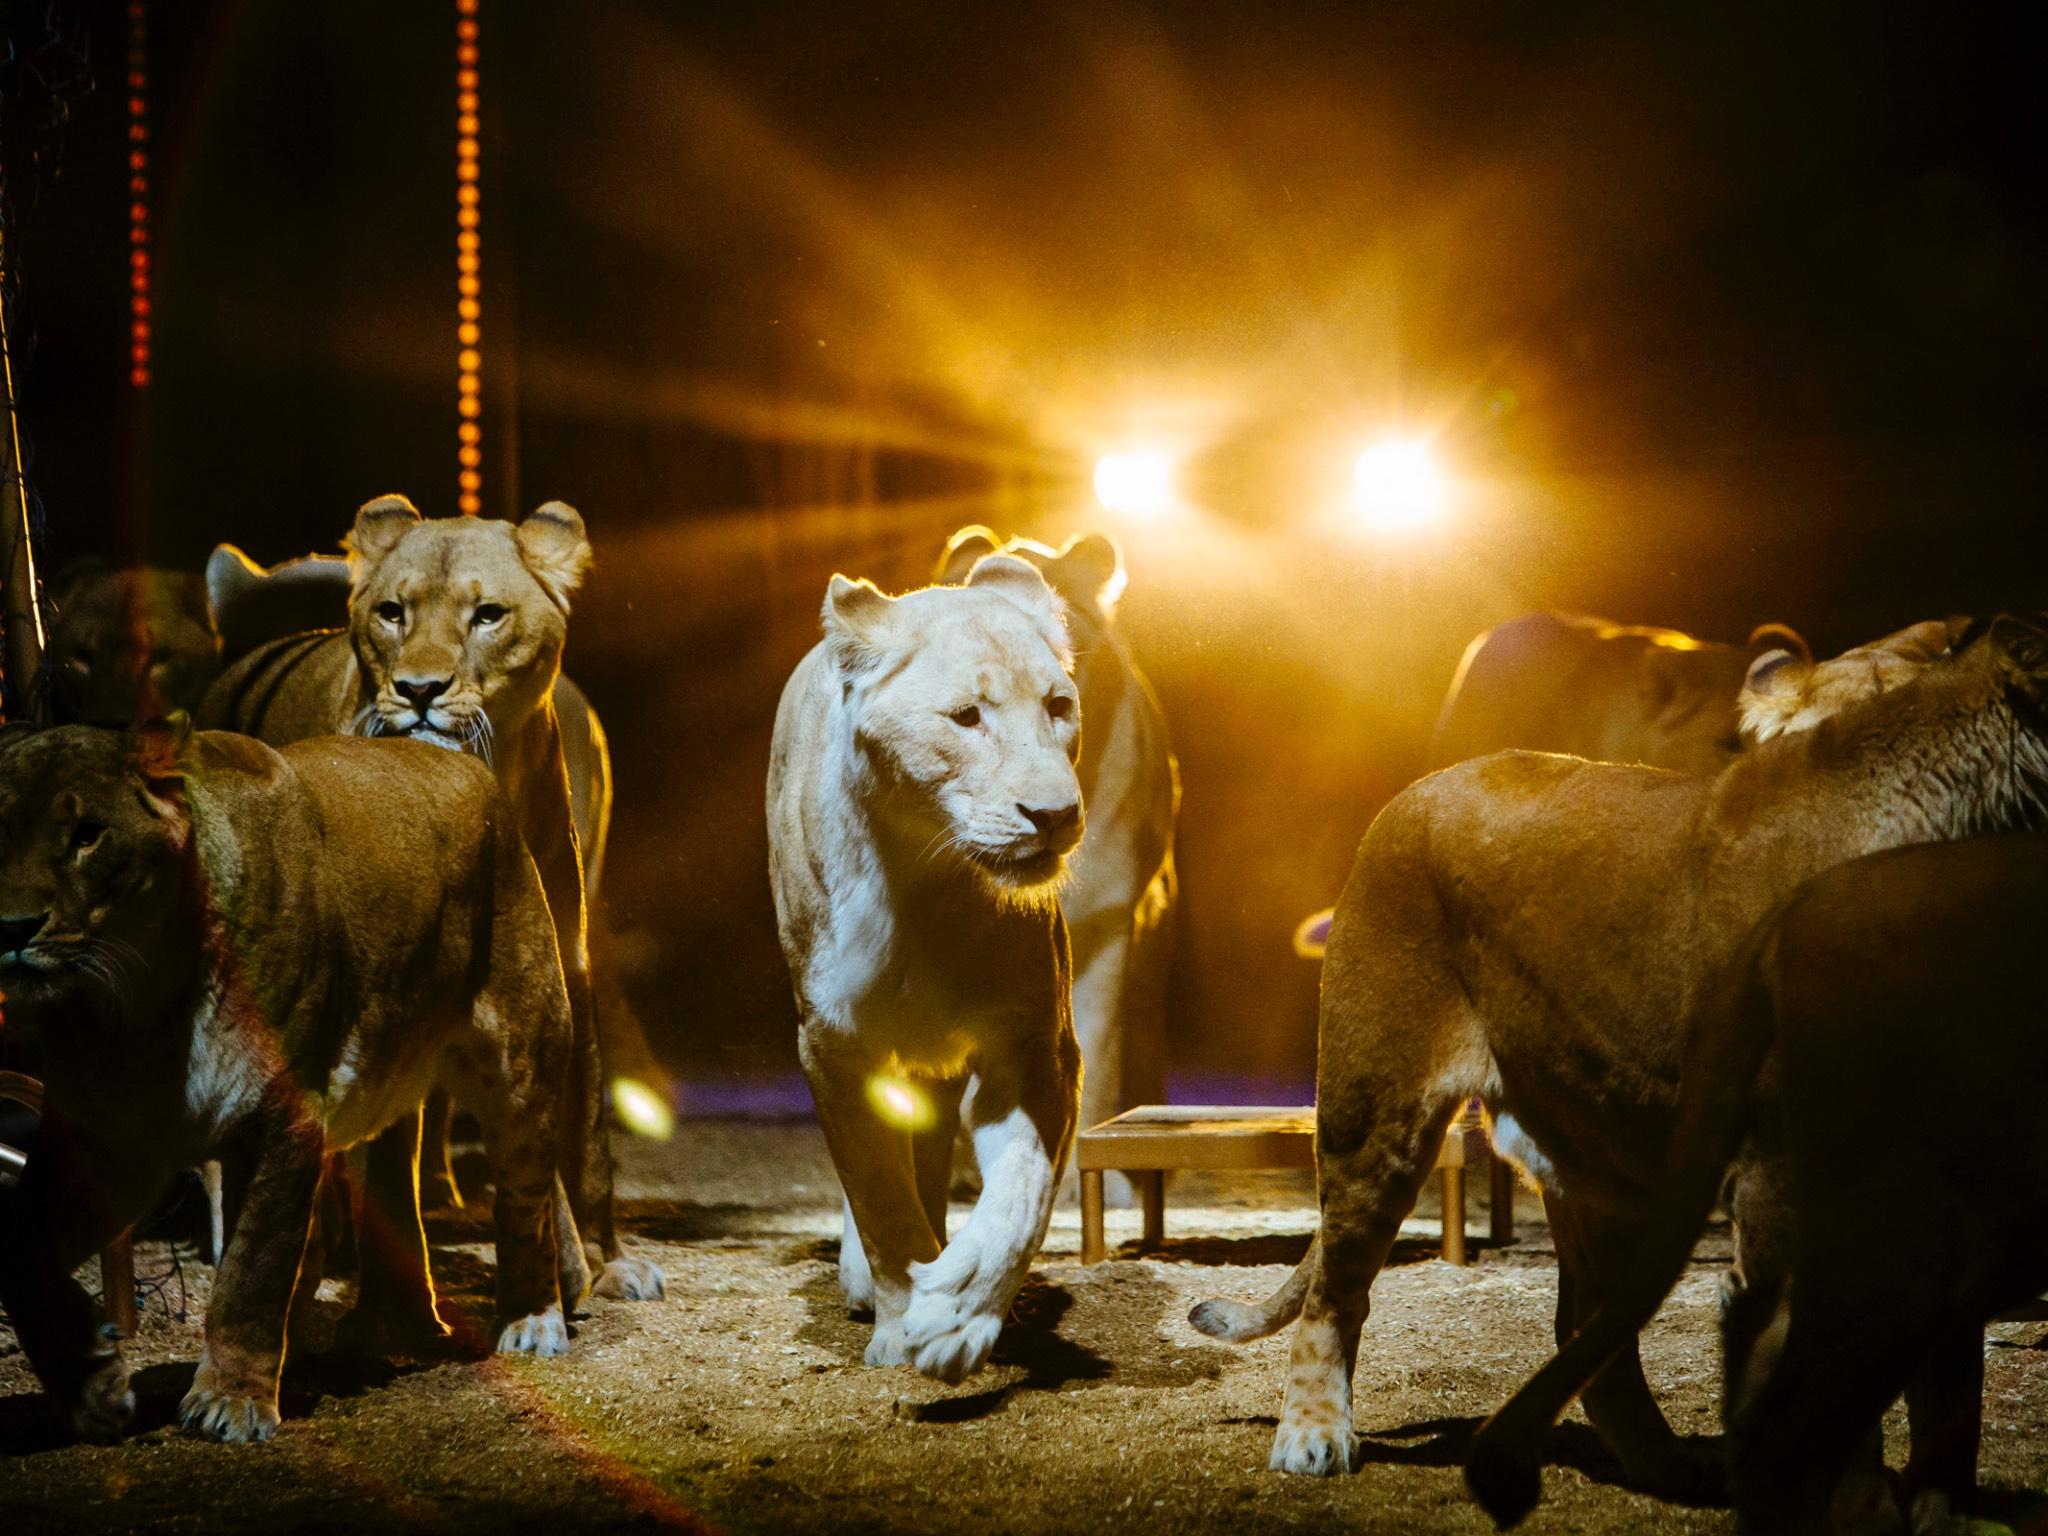 Circus Krone setzt sich entgegen der Meinung vieler Kritiker sehr für das Wohl der Tiere ein. Foto: Circus Krone